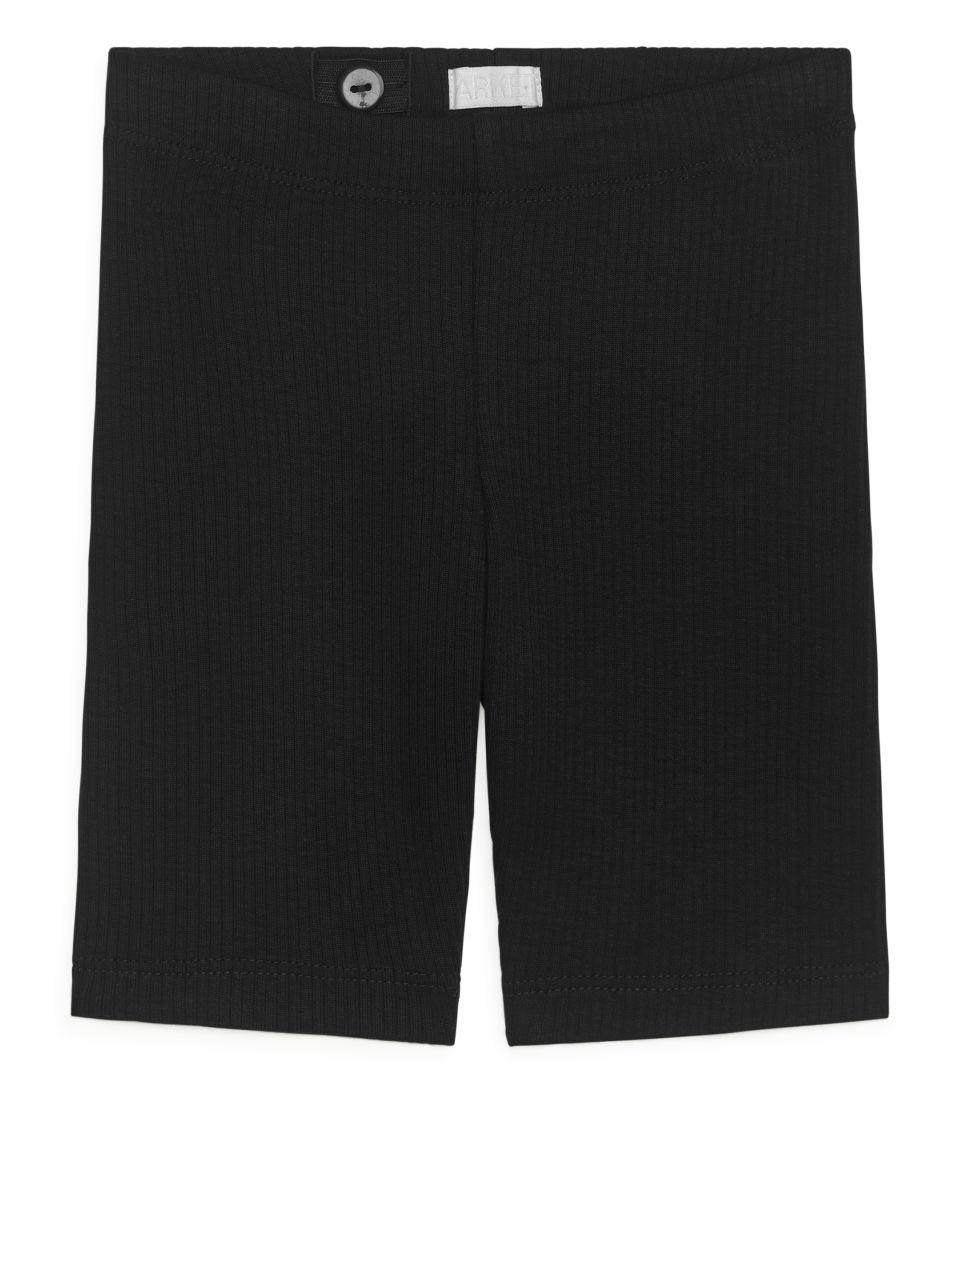 Ribbed Bicycle Shorts - Black